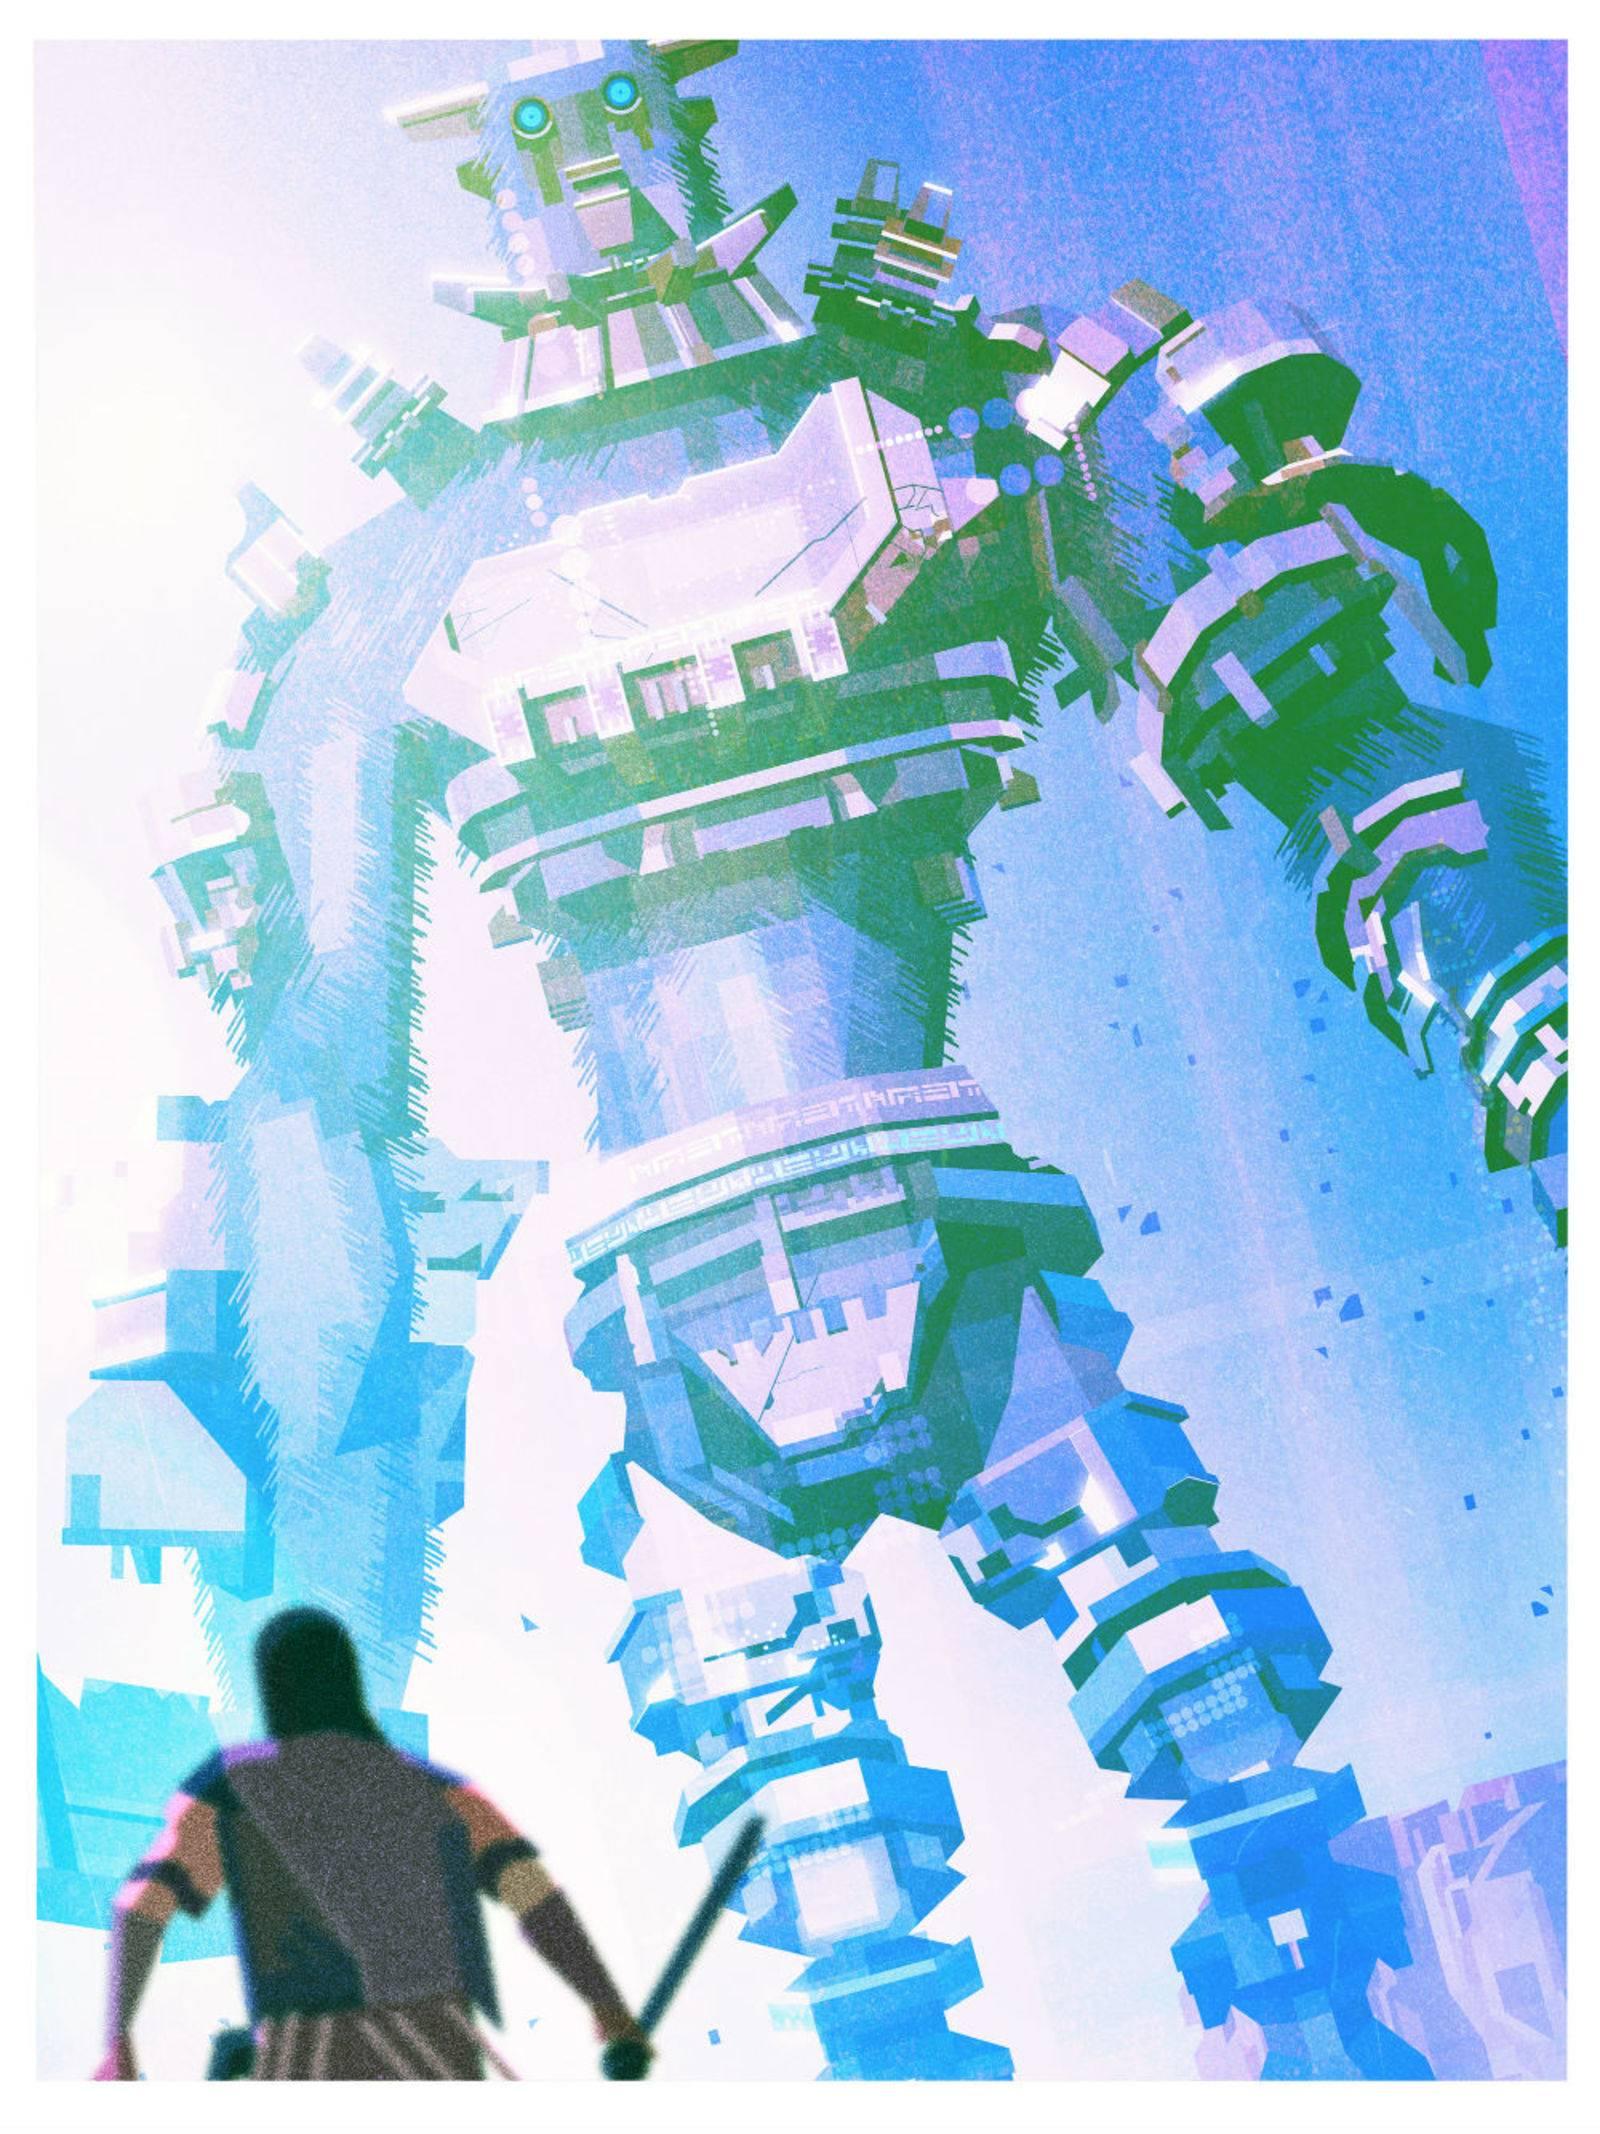 Арт: яркие постеры к нашим любимым видеоиграм 2